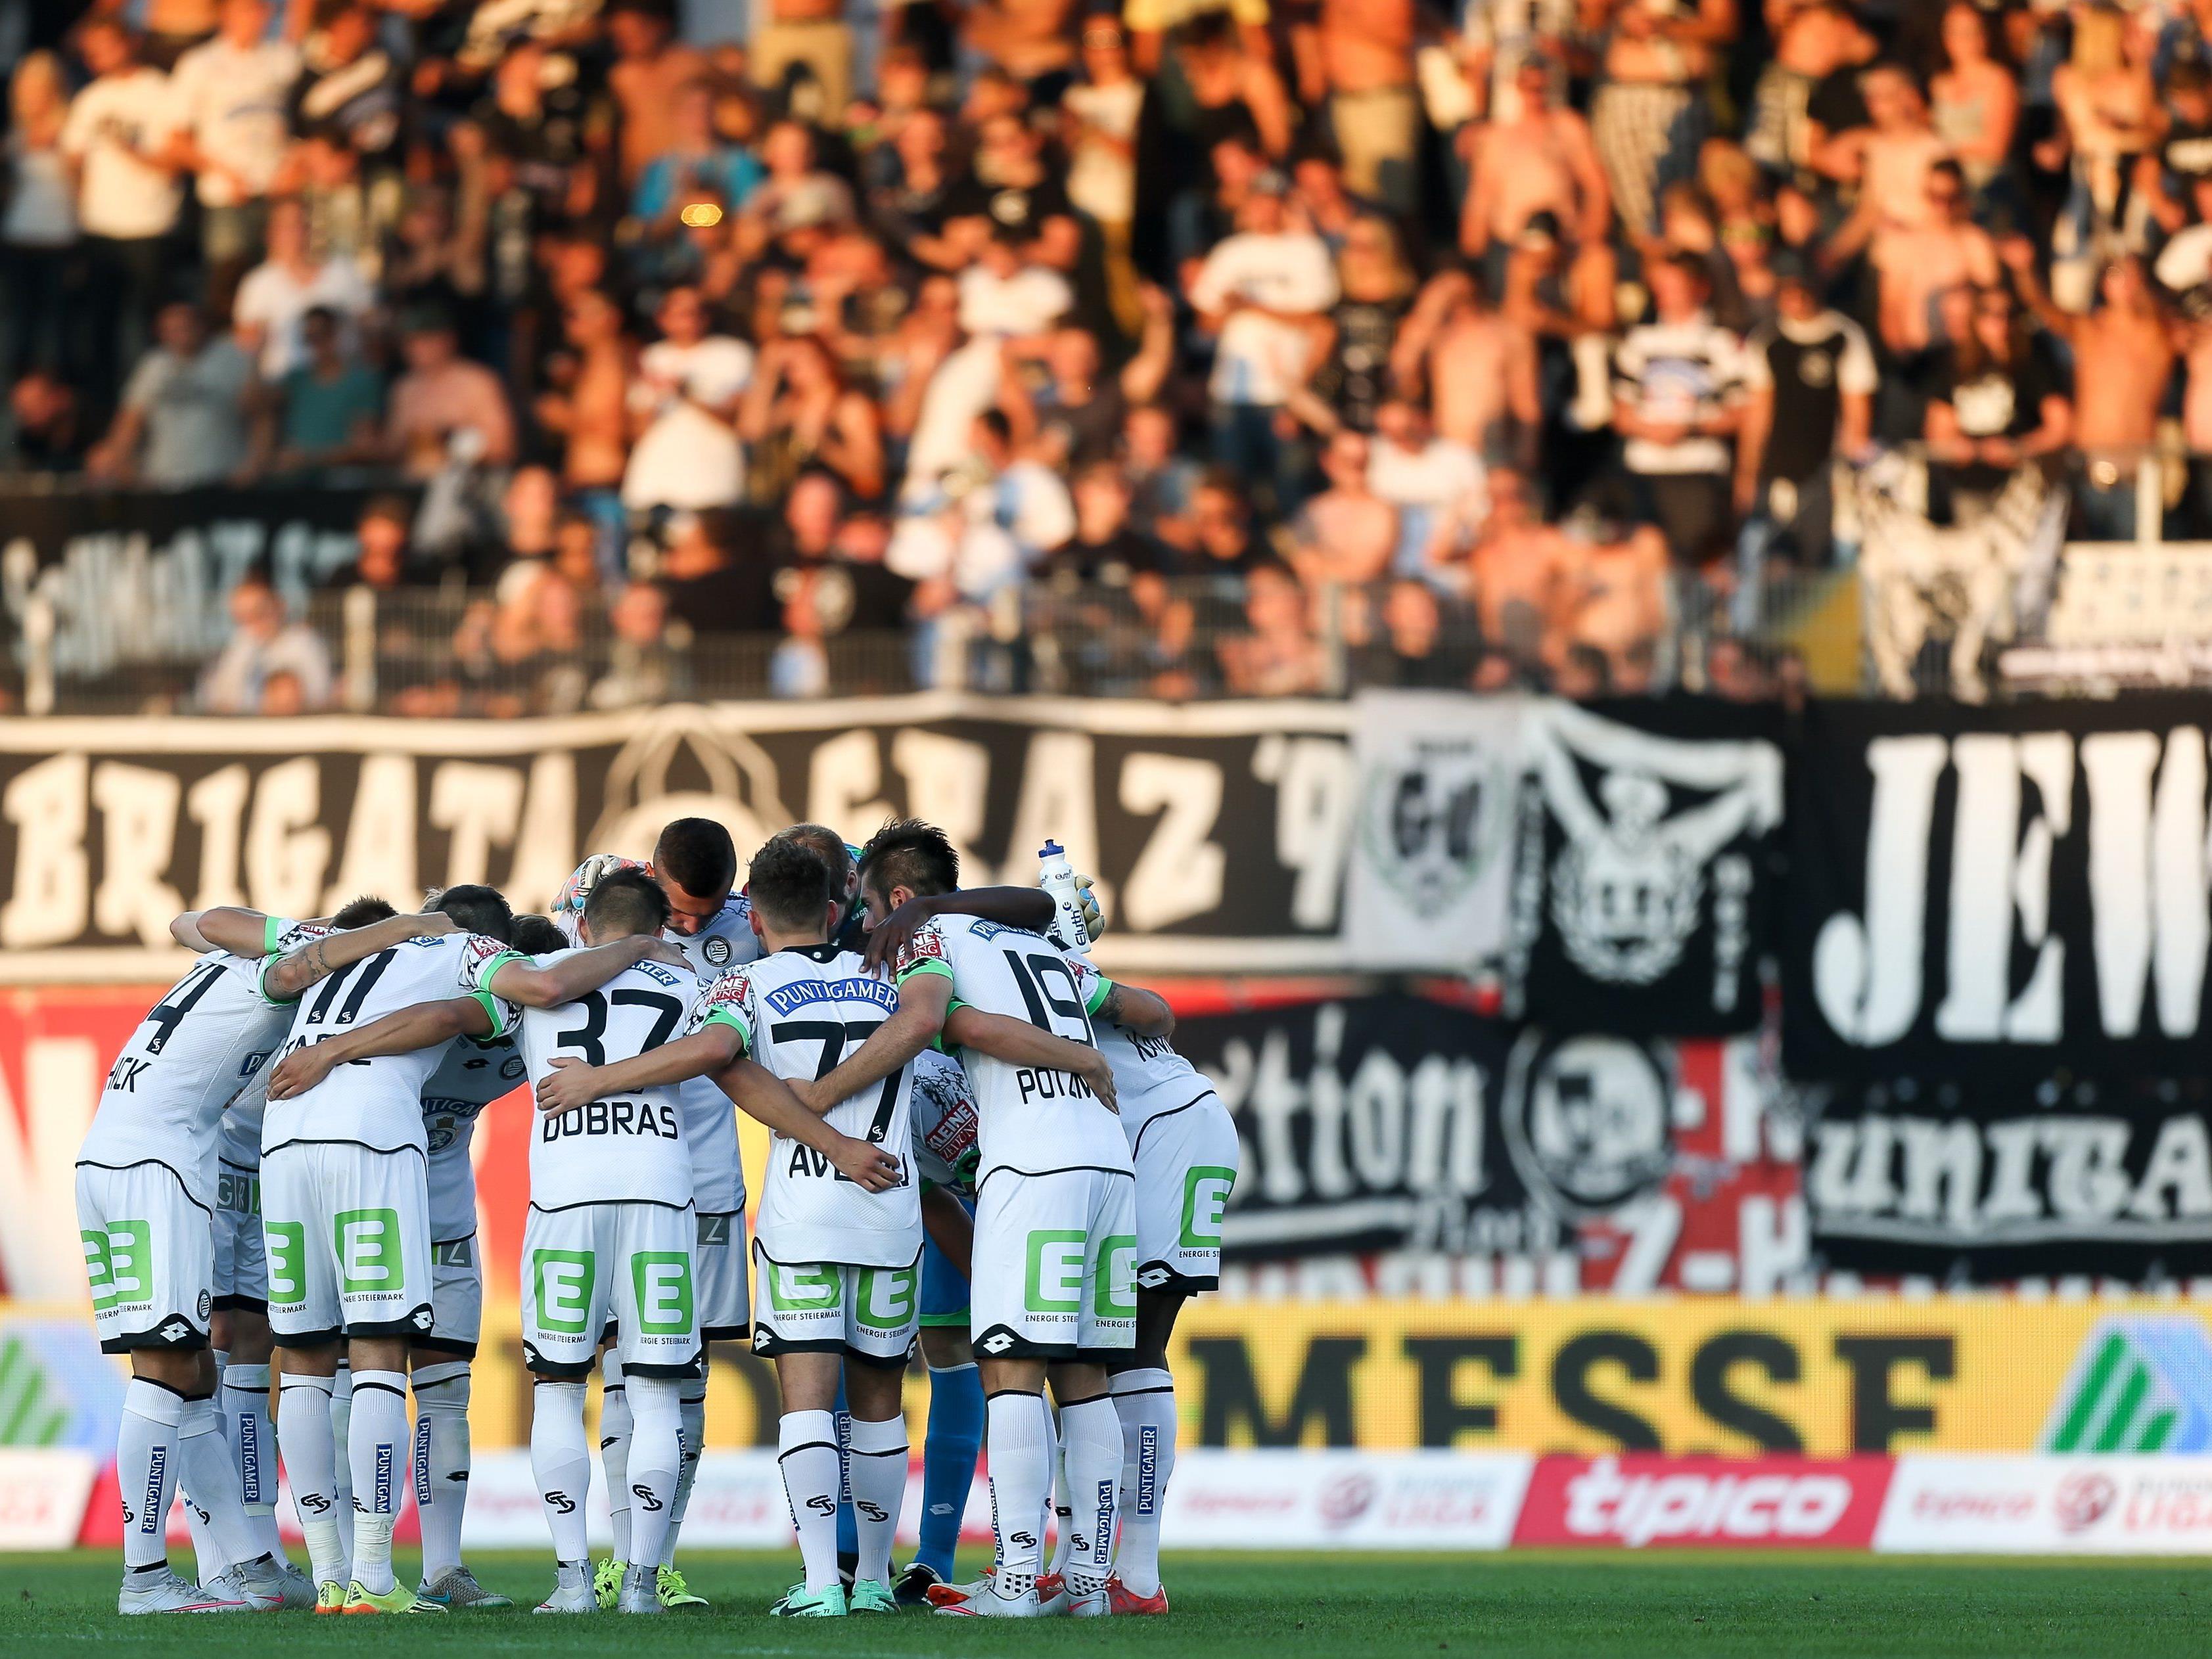 LIVE-Ticker zum Spiel SK Sturm Graz gegen SV Ried ab 20.30 Uhr.